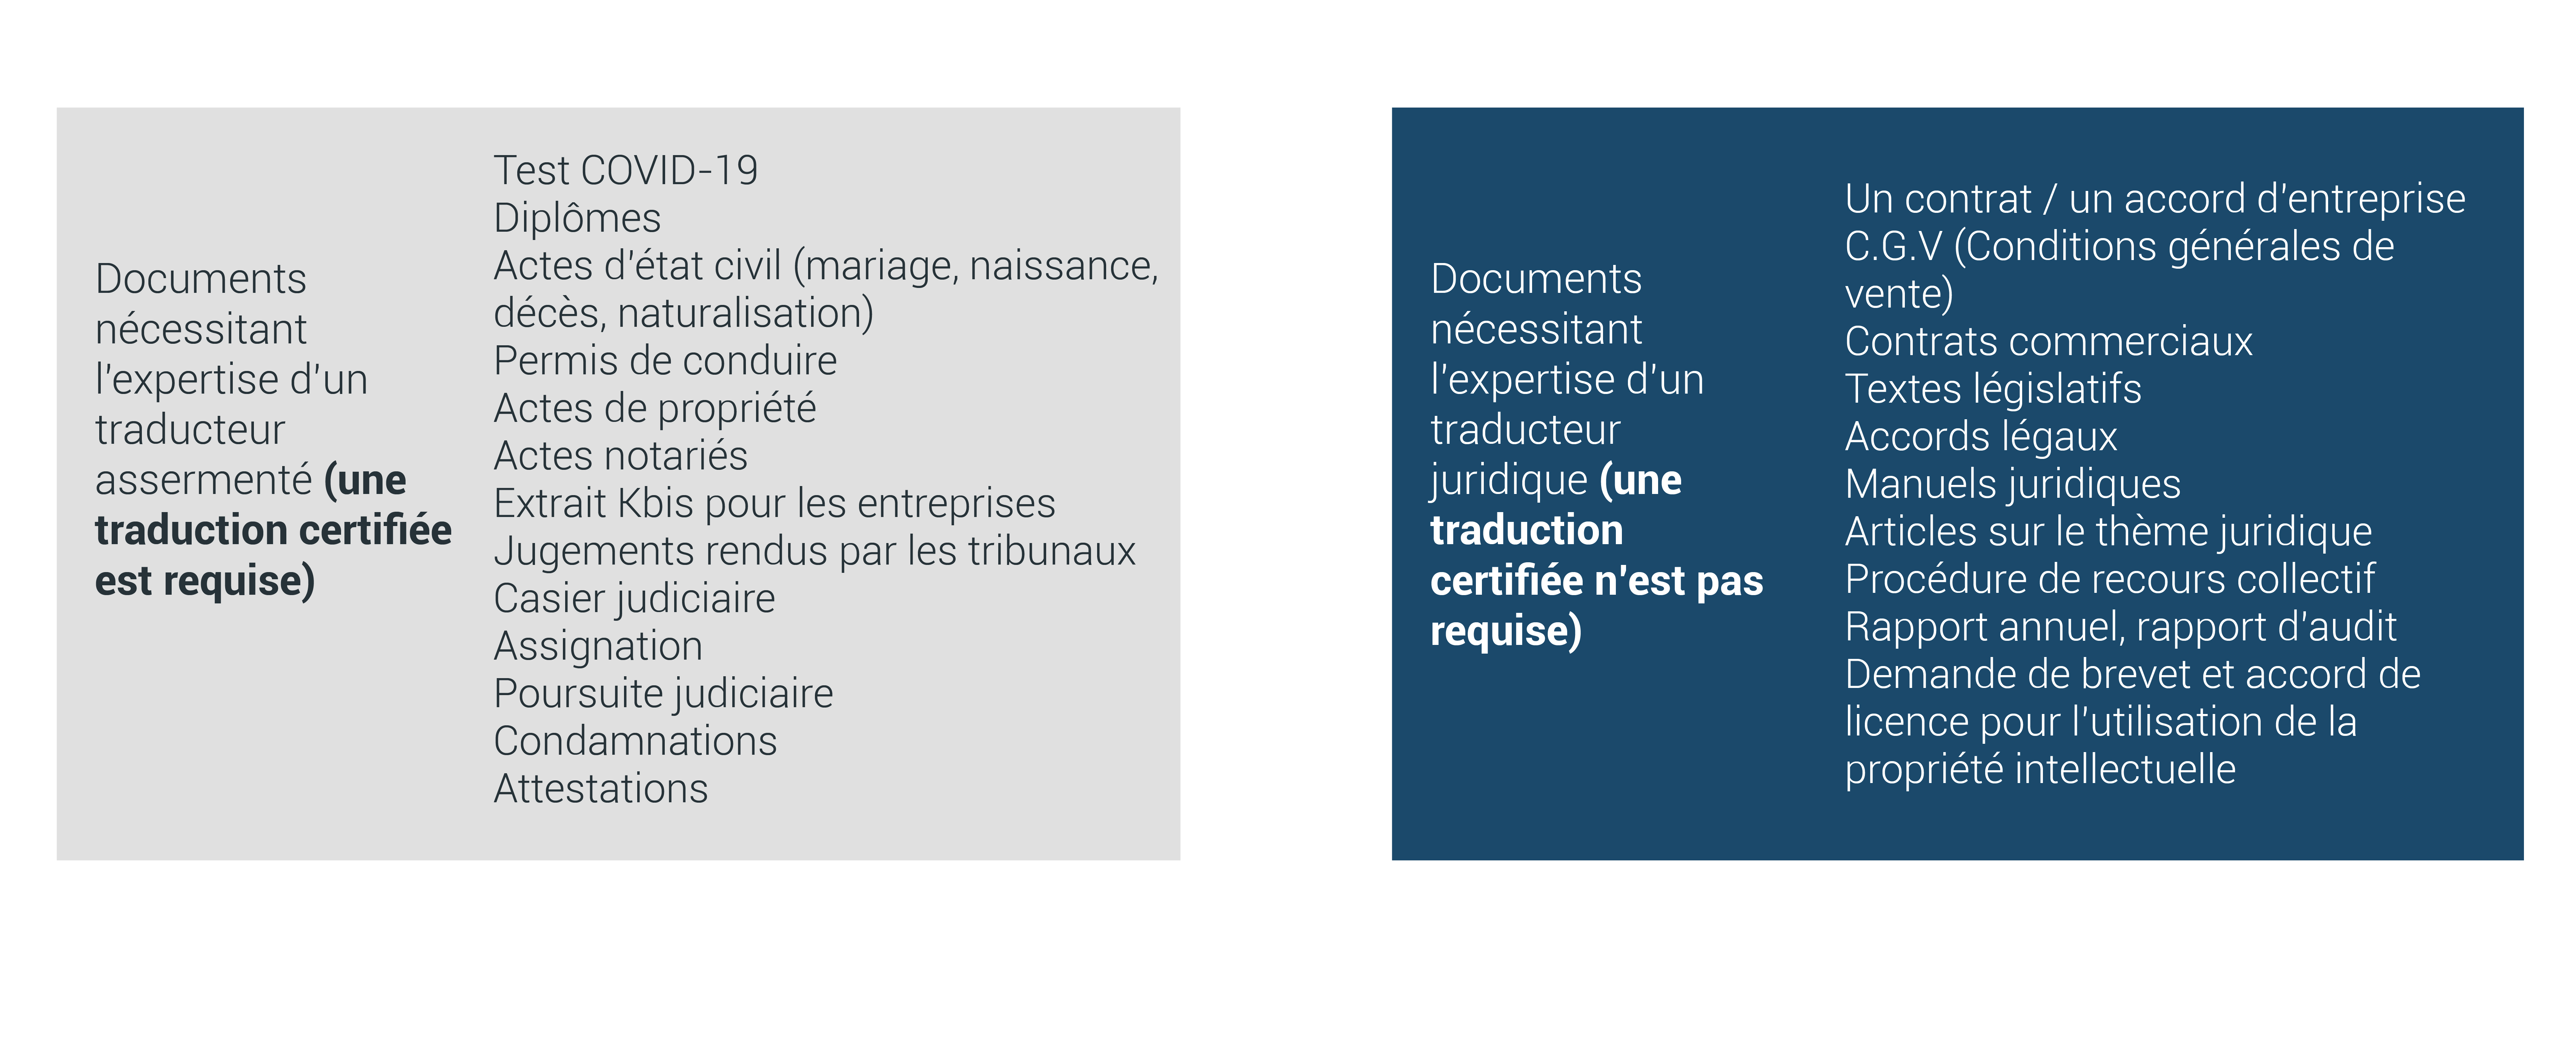 Quel document nécessite une traduction certifiée ?